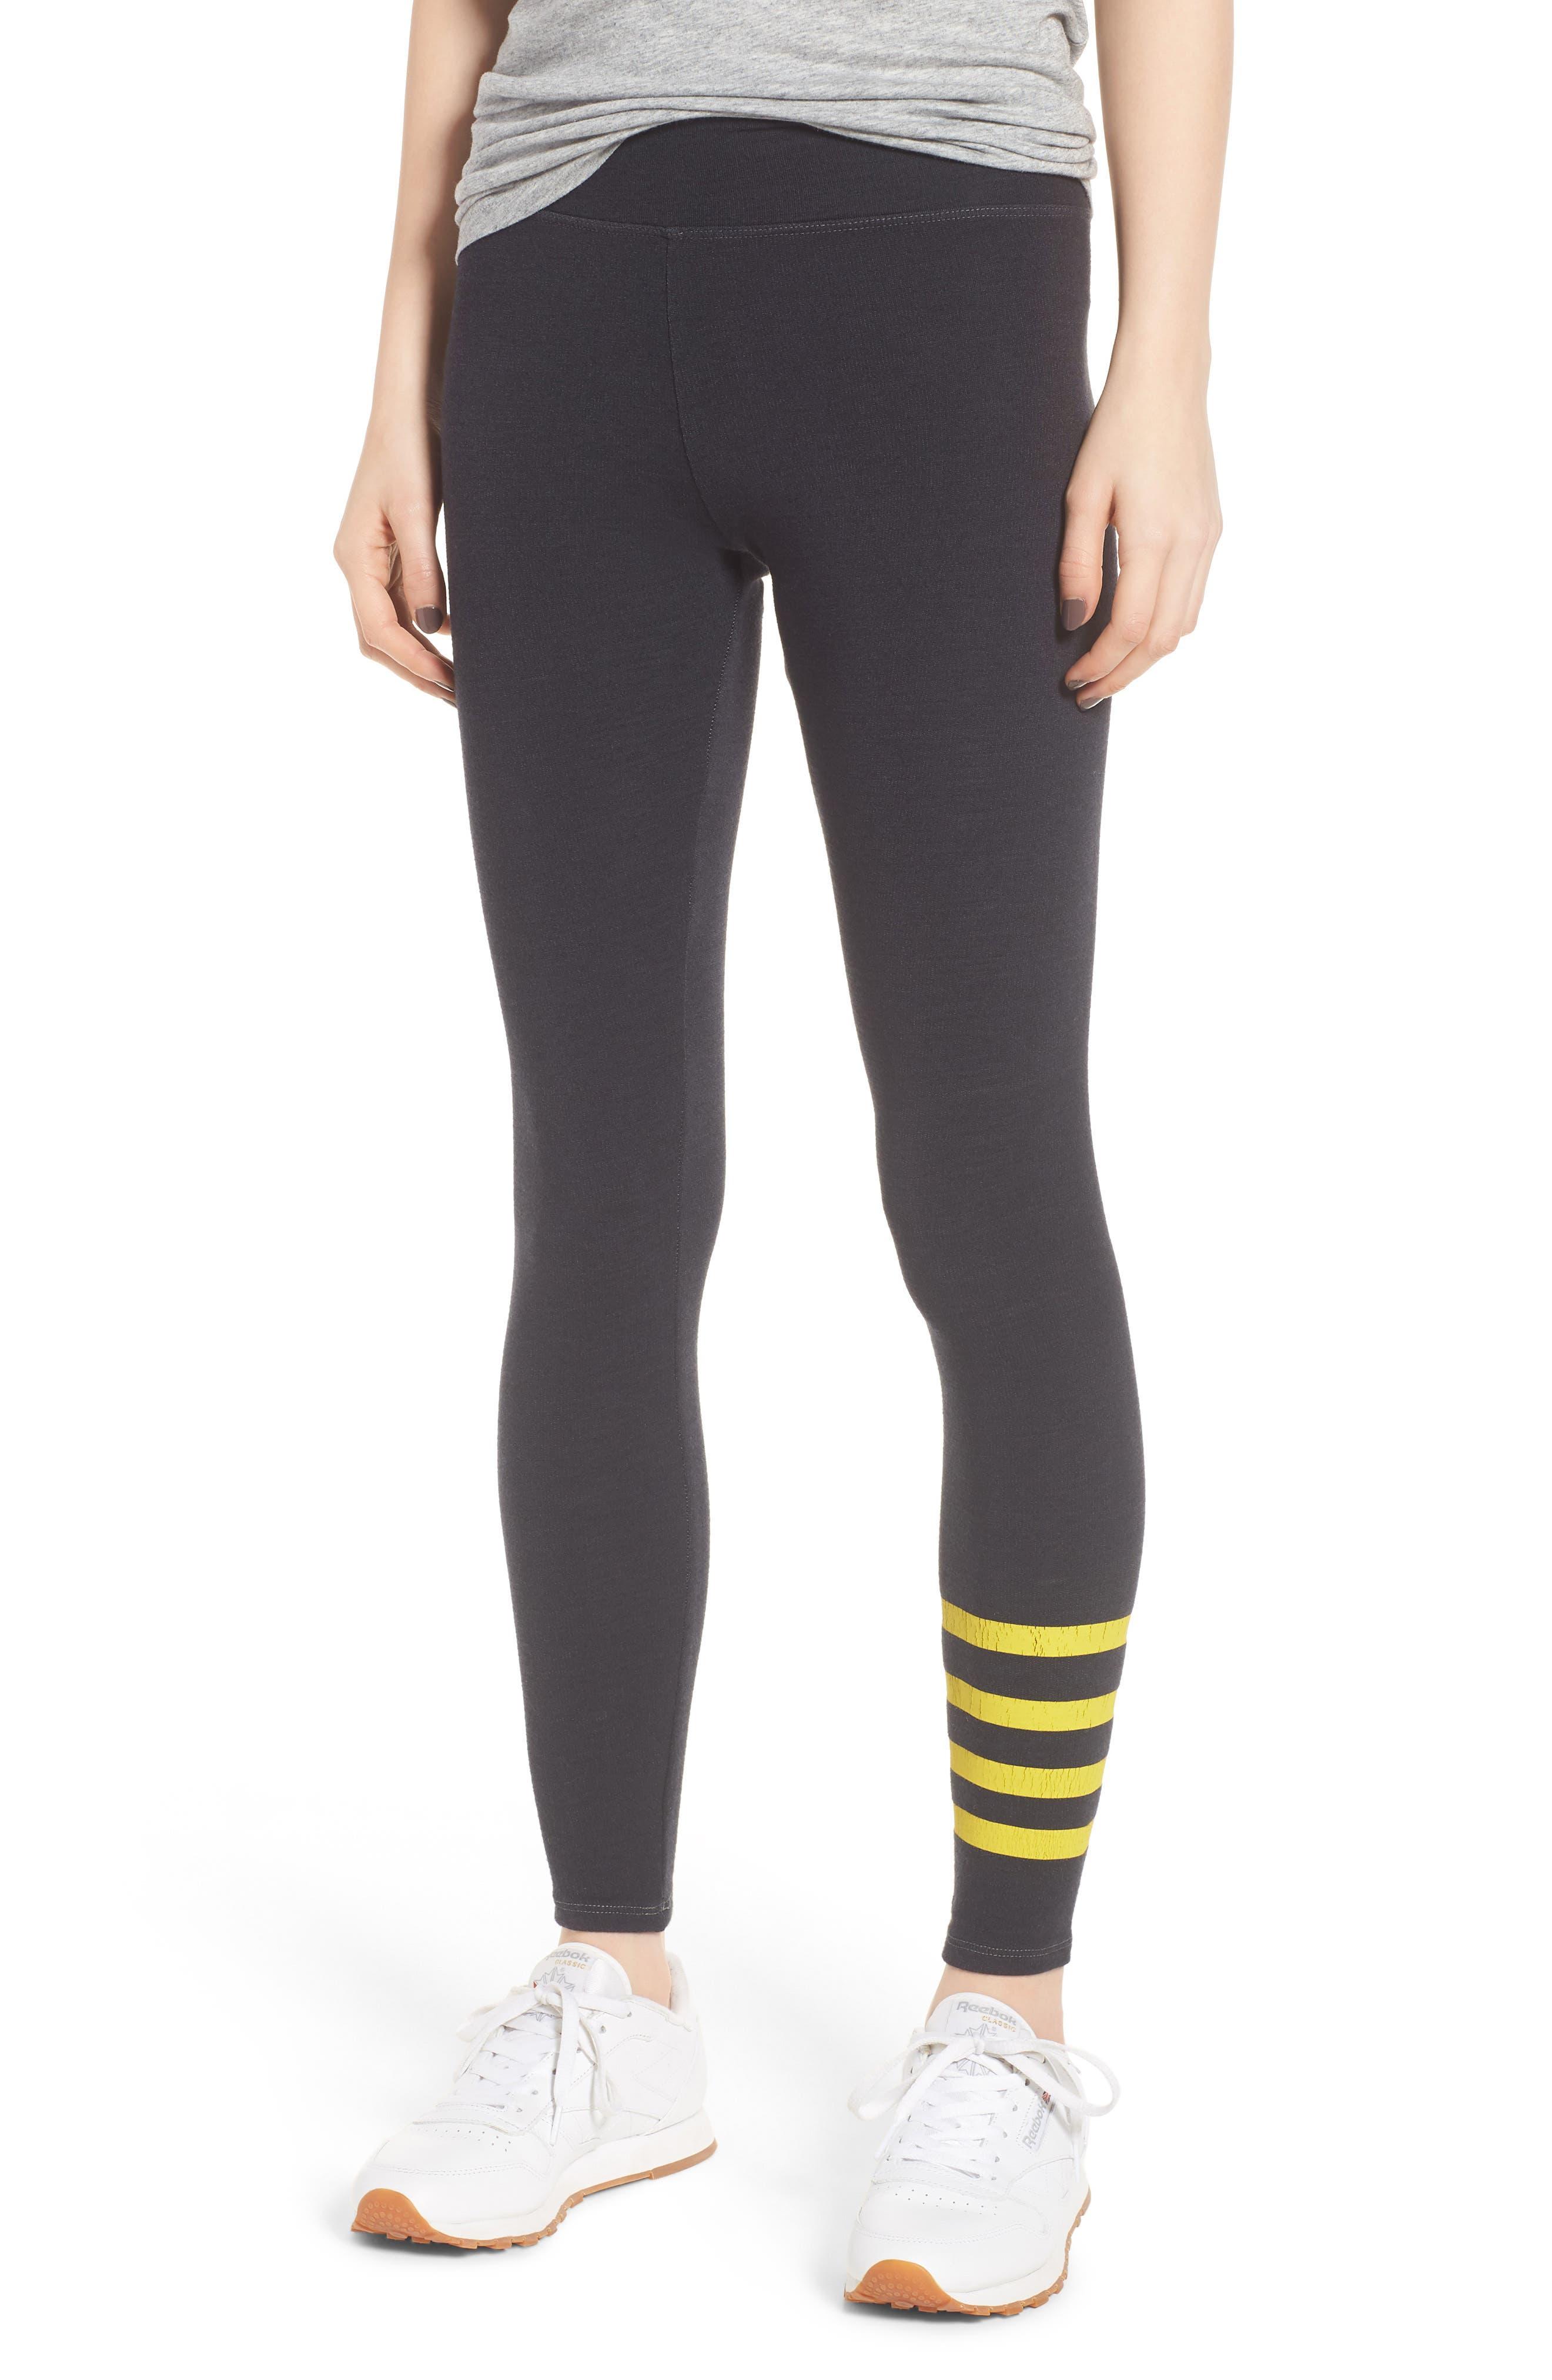 Stripe Yoga Pants,                             Main thumbnail 1, color,                             Old Black